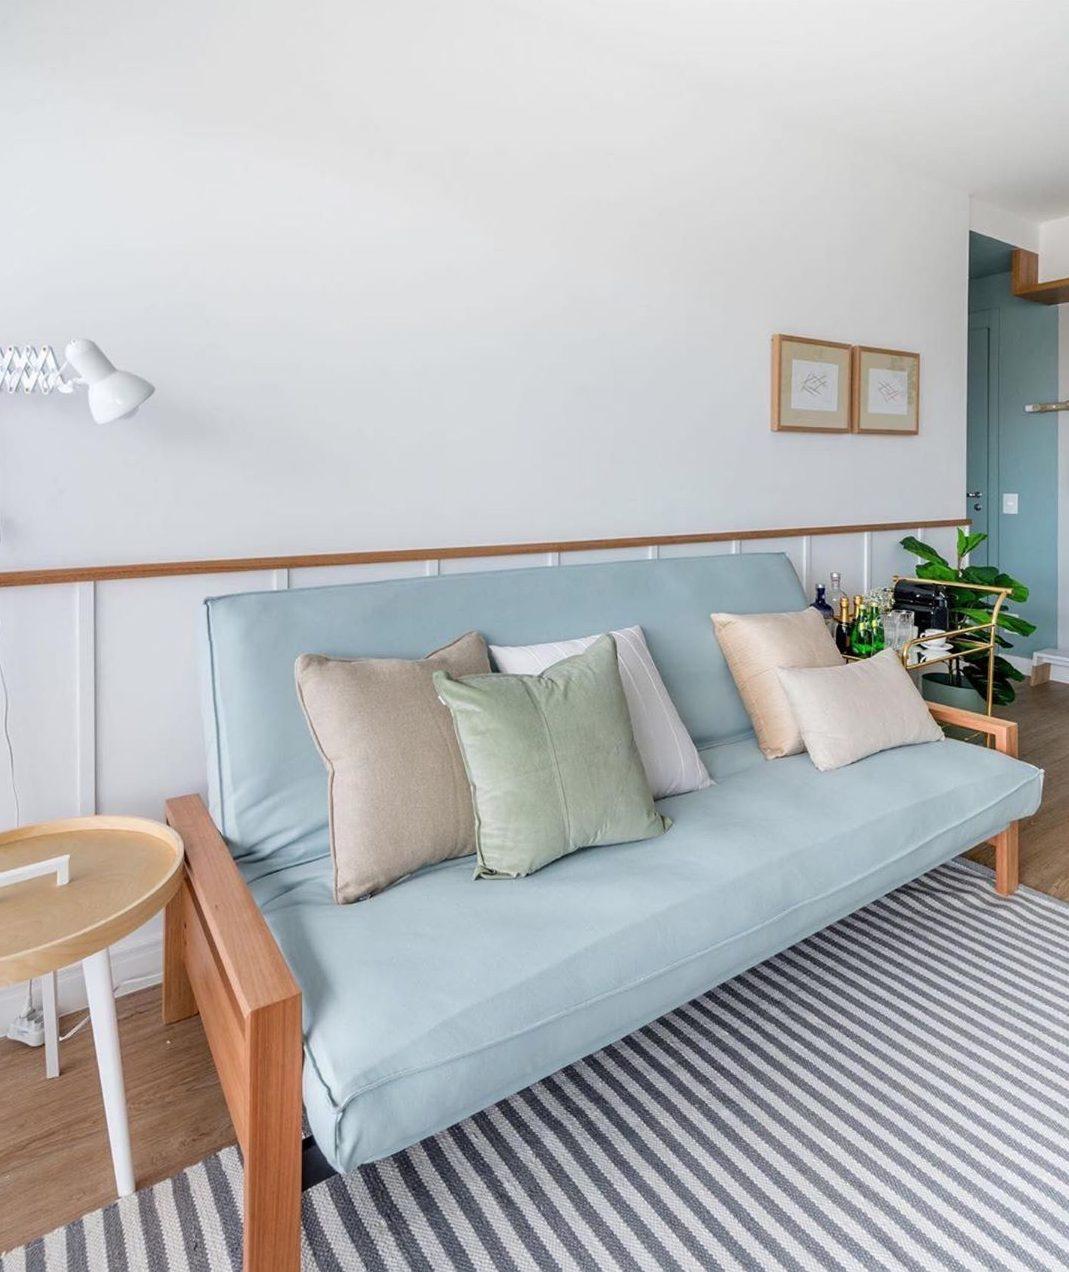 sofa cama azul claro em sala de tons pasteis